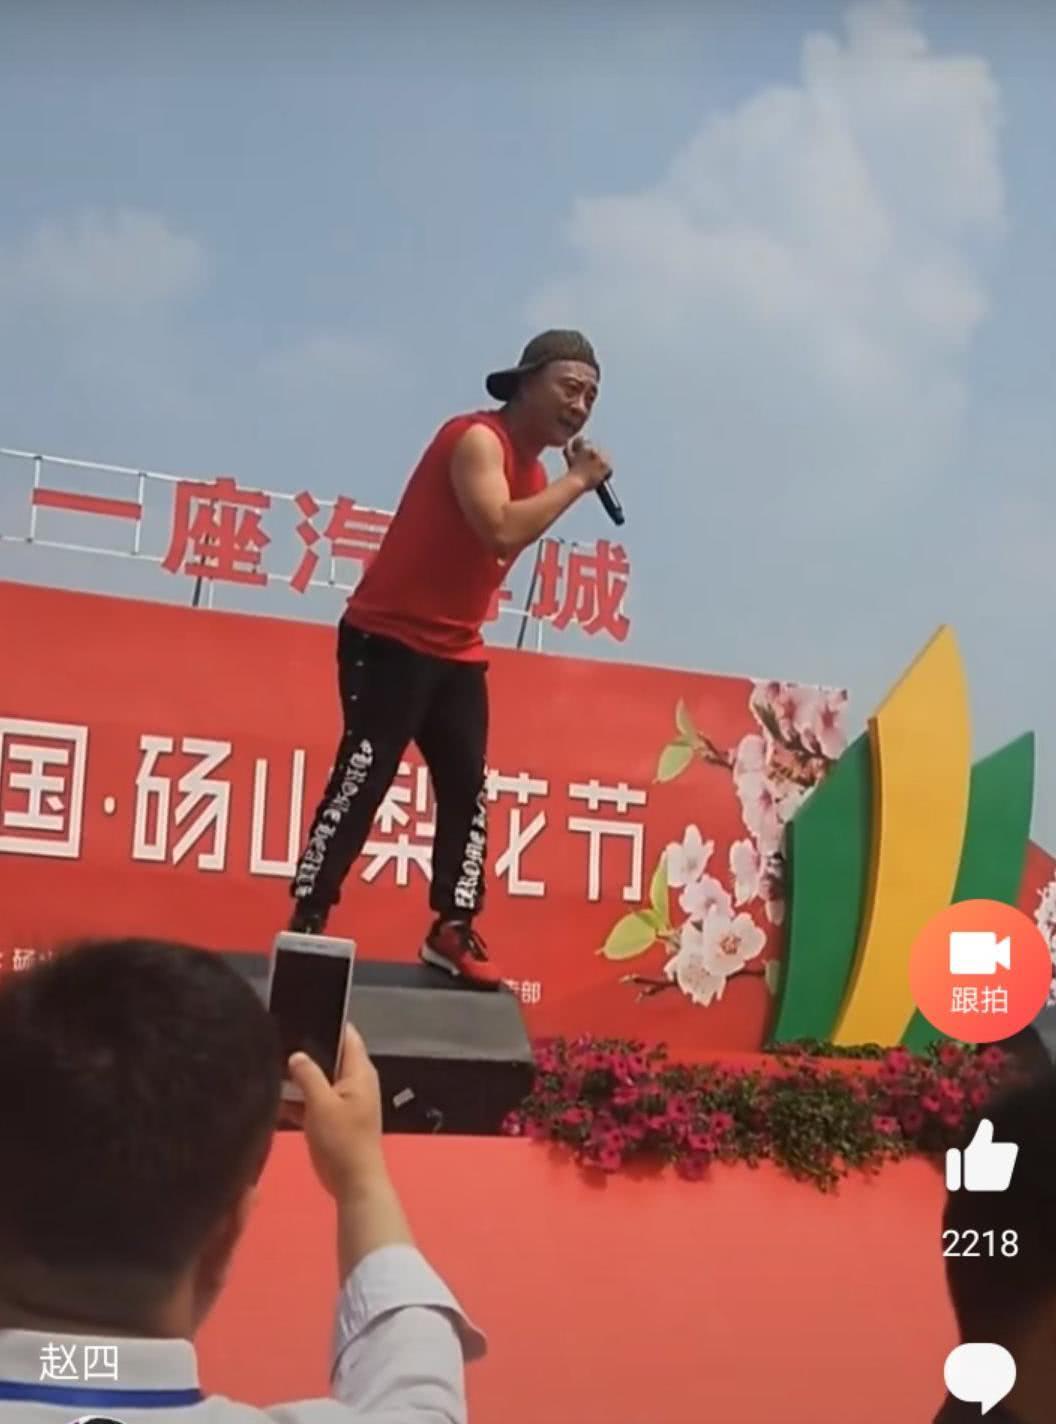 刘小光 赵四顶着40度高温卖力演出,站在音响上尽情高歌